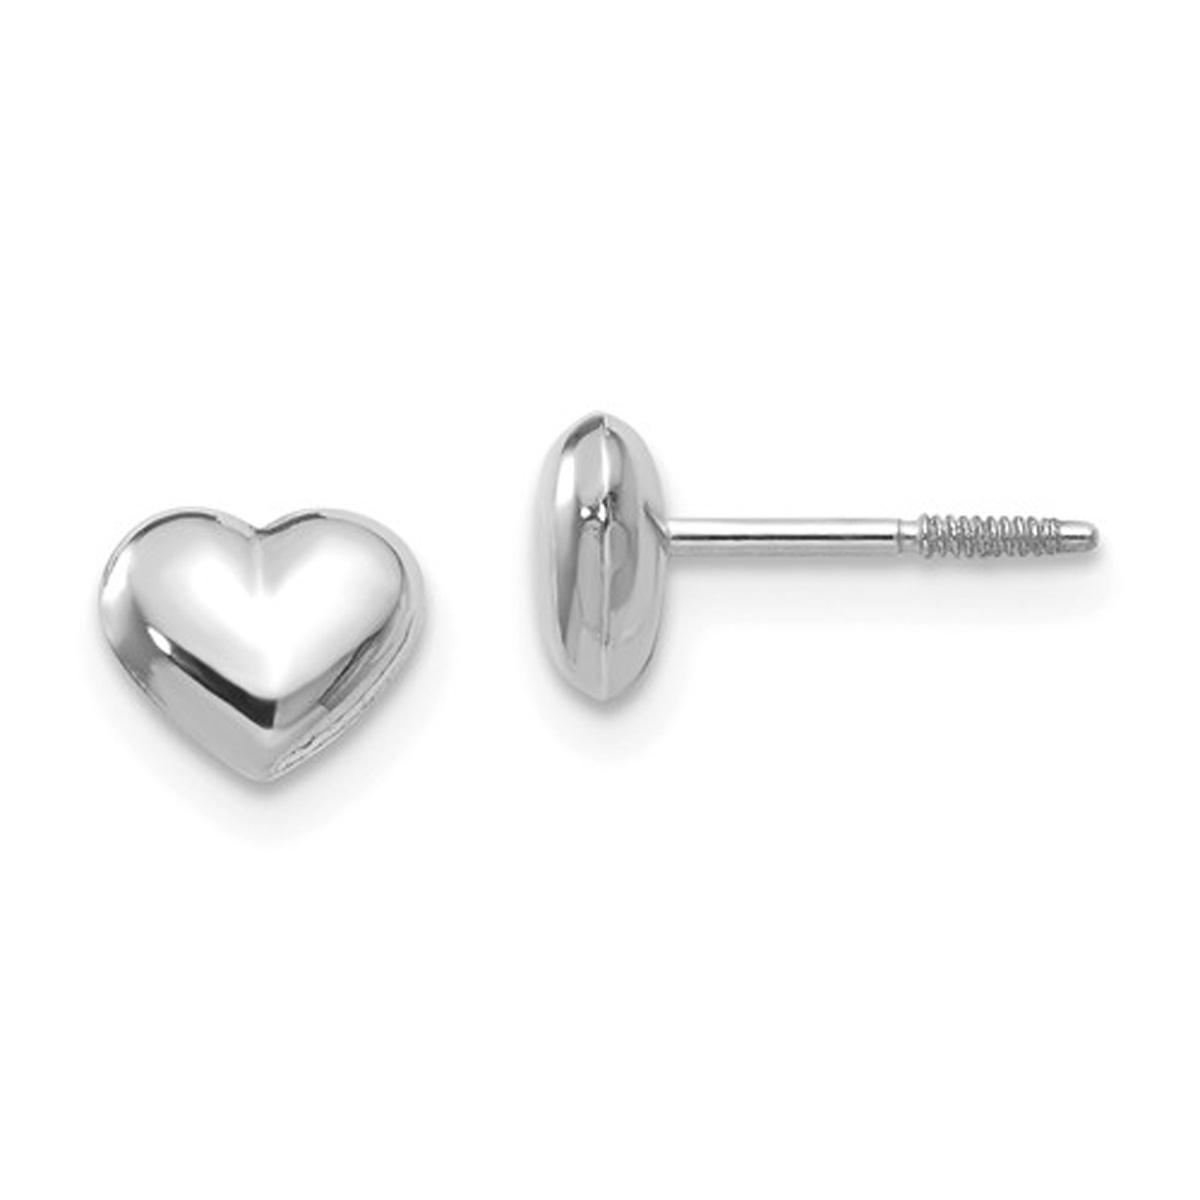 Puff Heart Stud Earrings